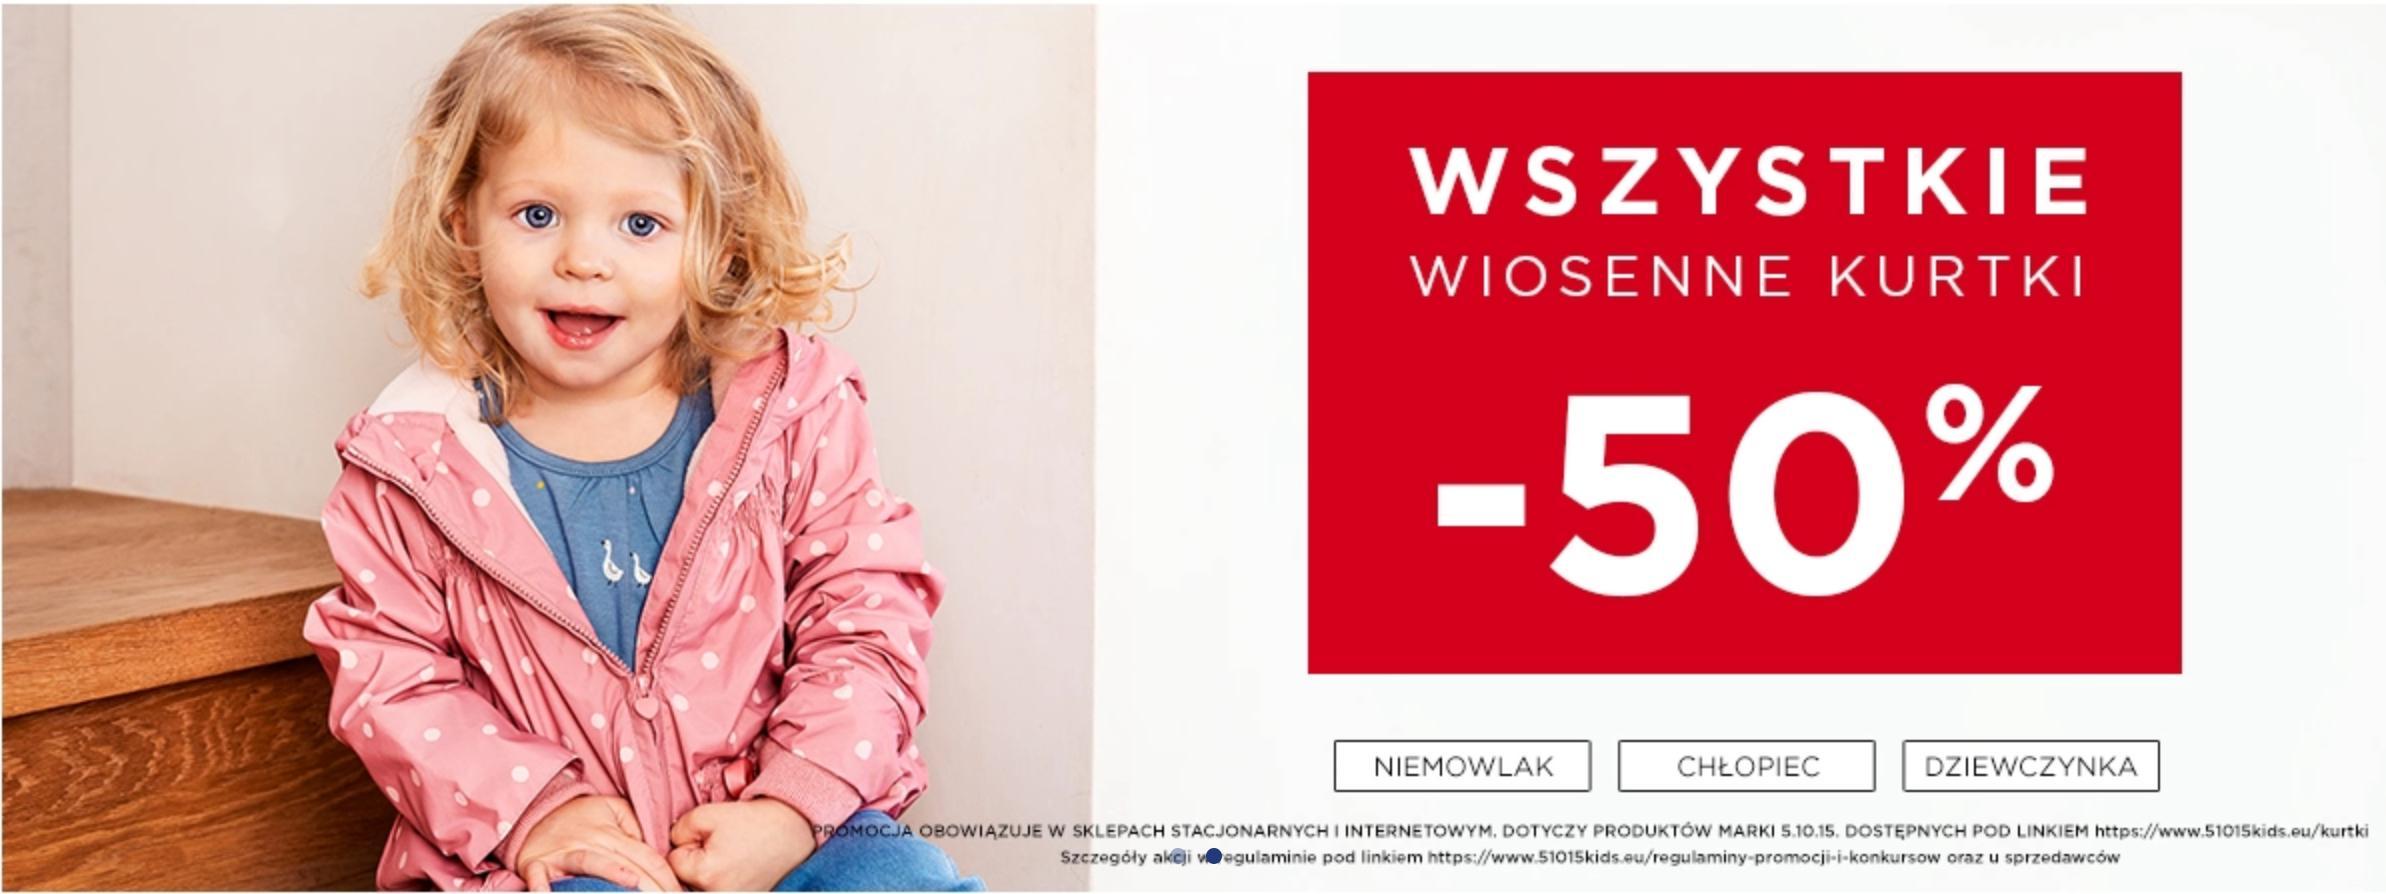 5.10.15.: 50% rabatu na wszystkie wiosenne kurtki dziecięce